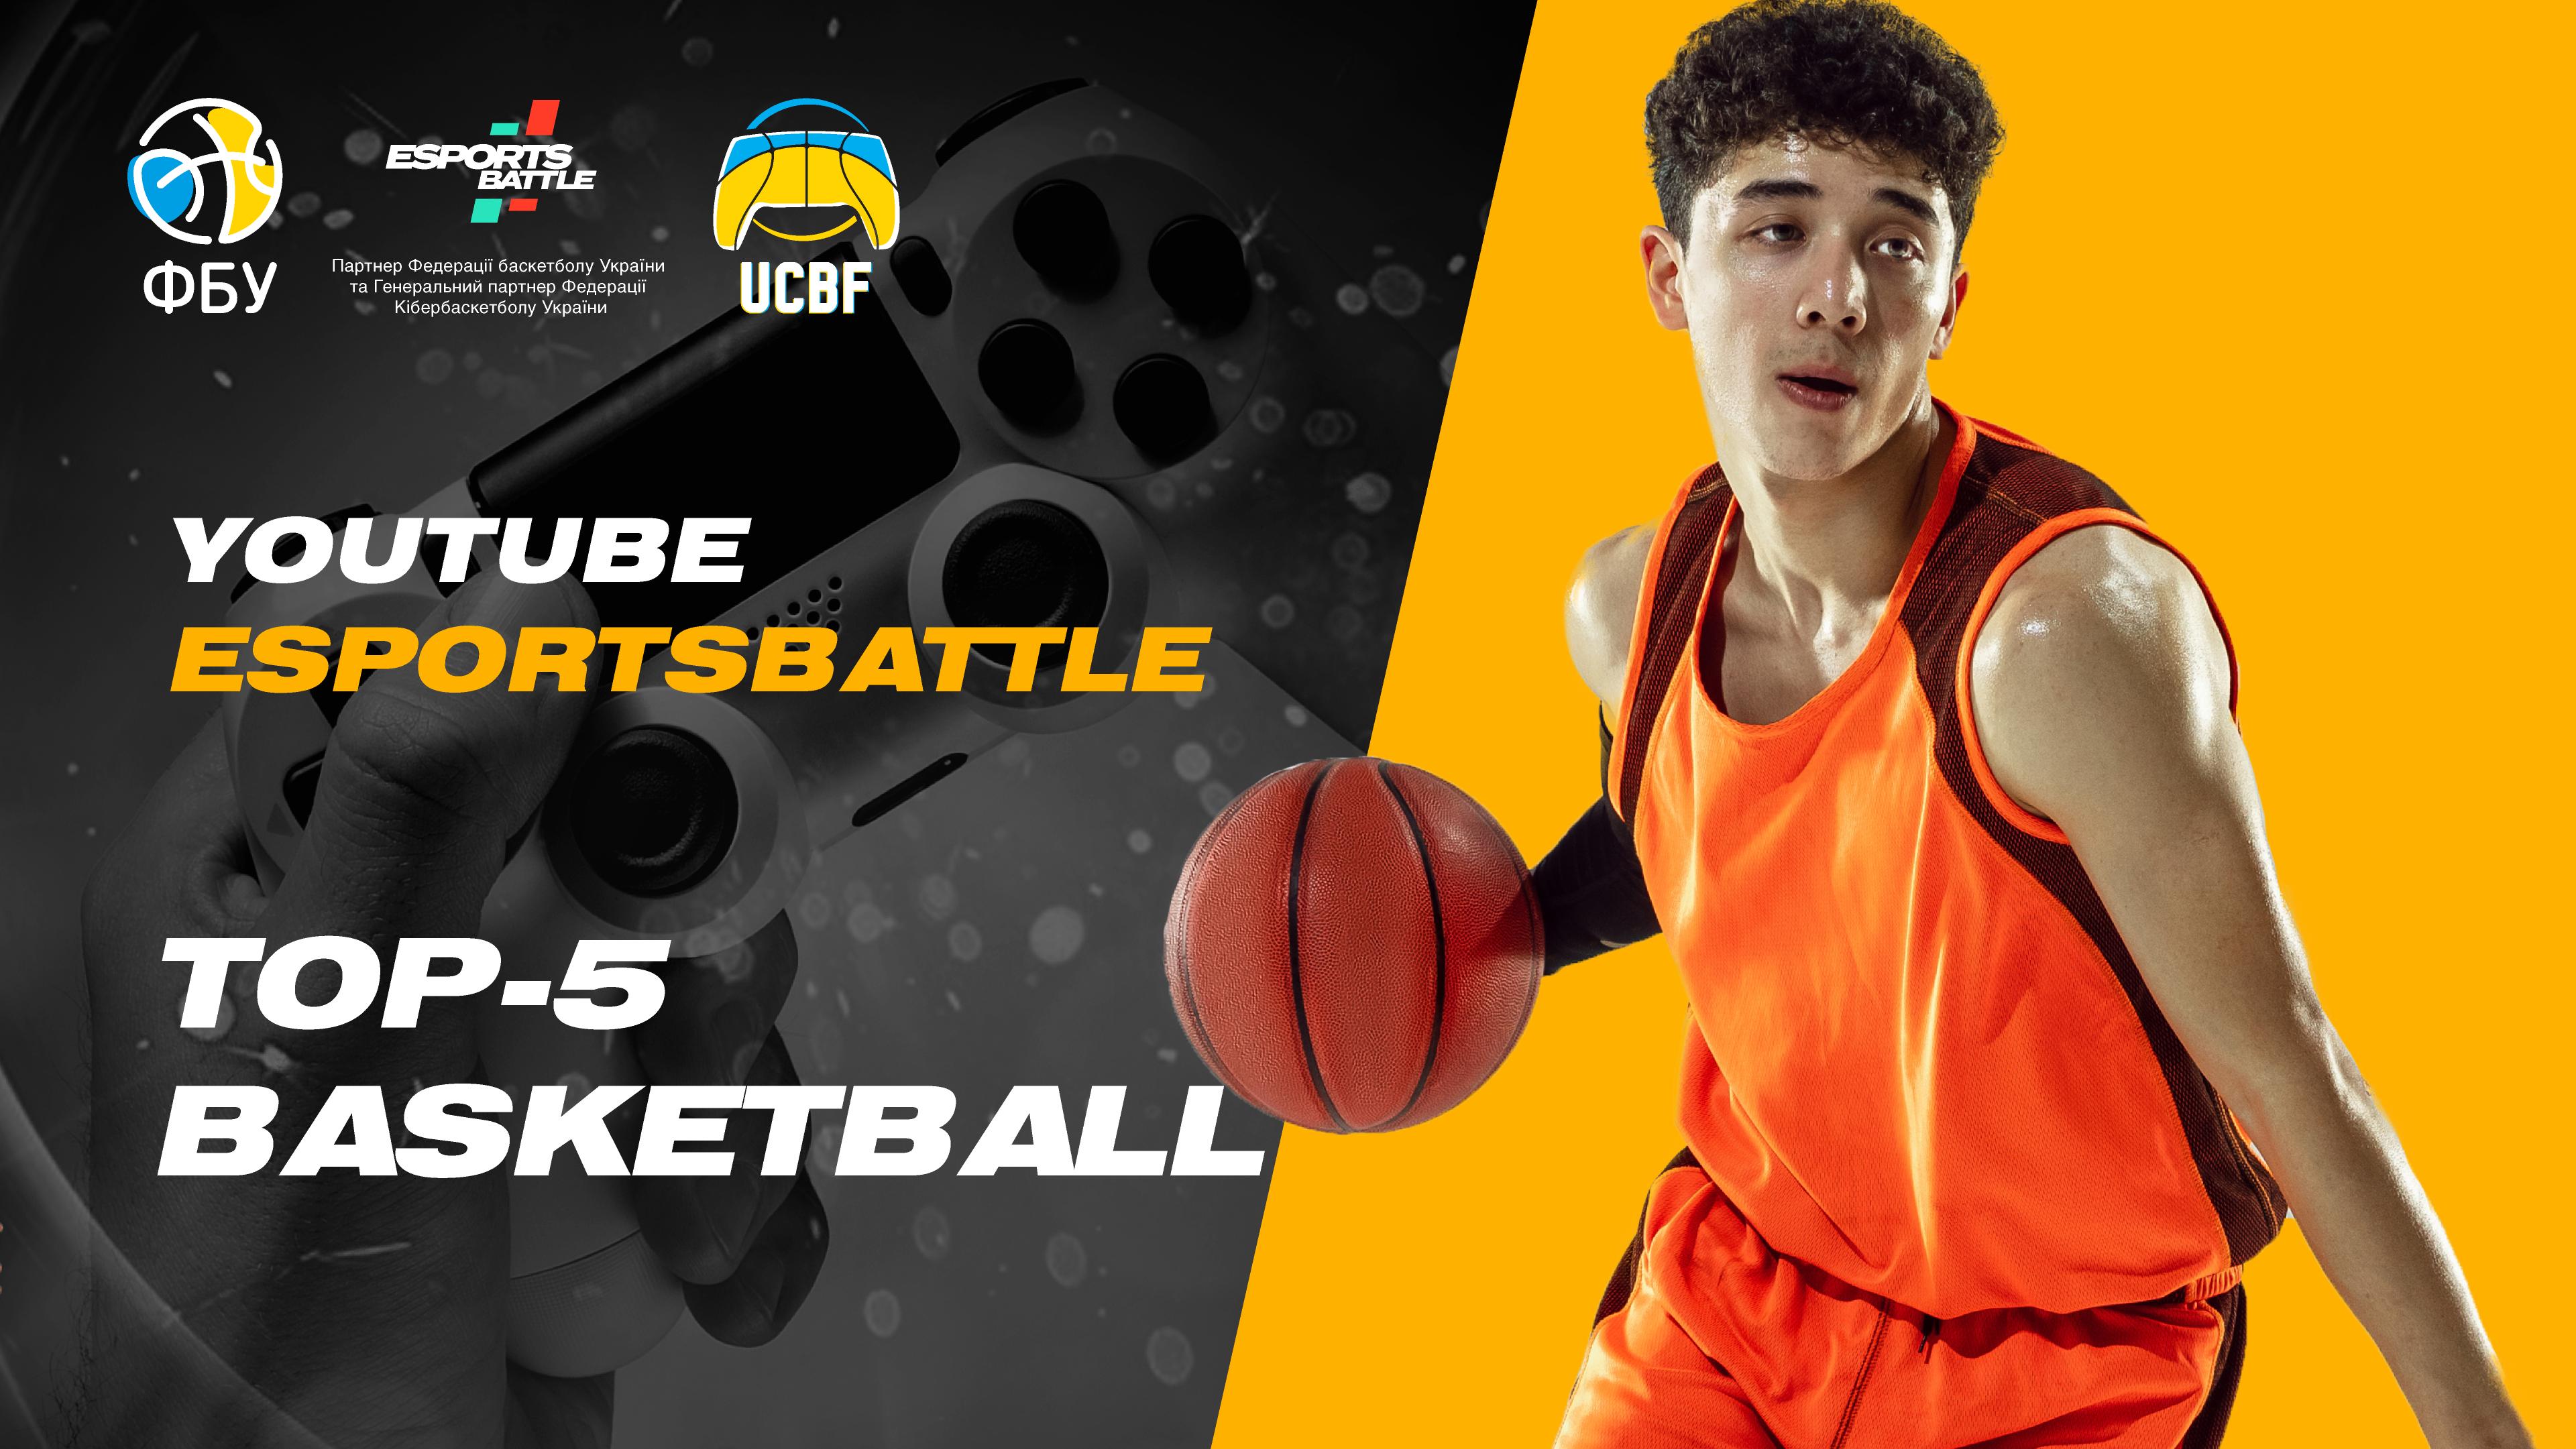 Нова рубрика для шанувальників кібербаскетболу від EsportsBattle